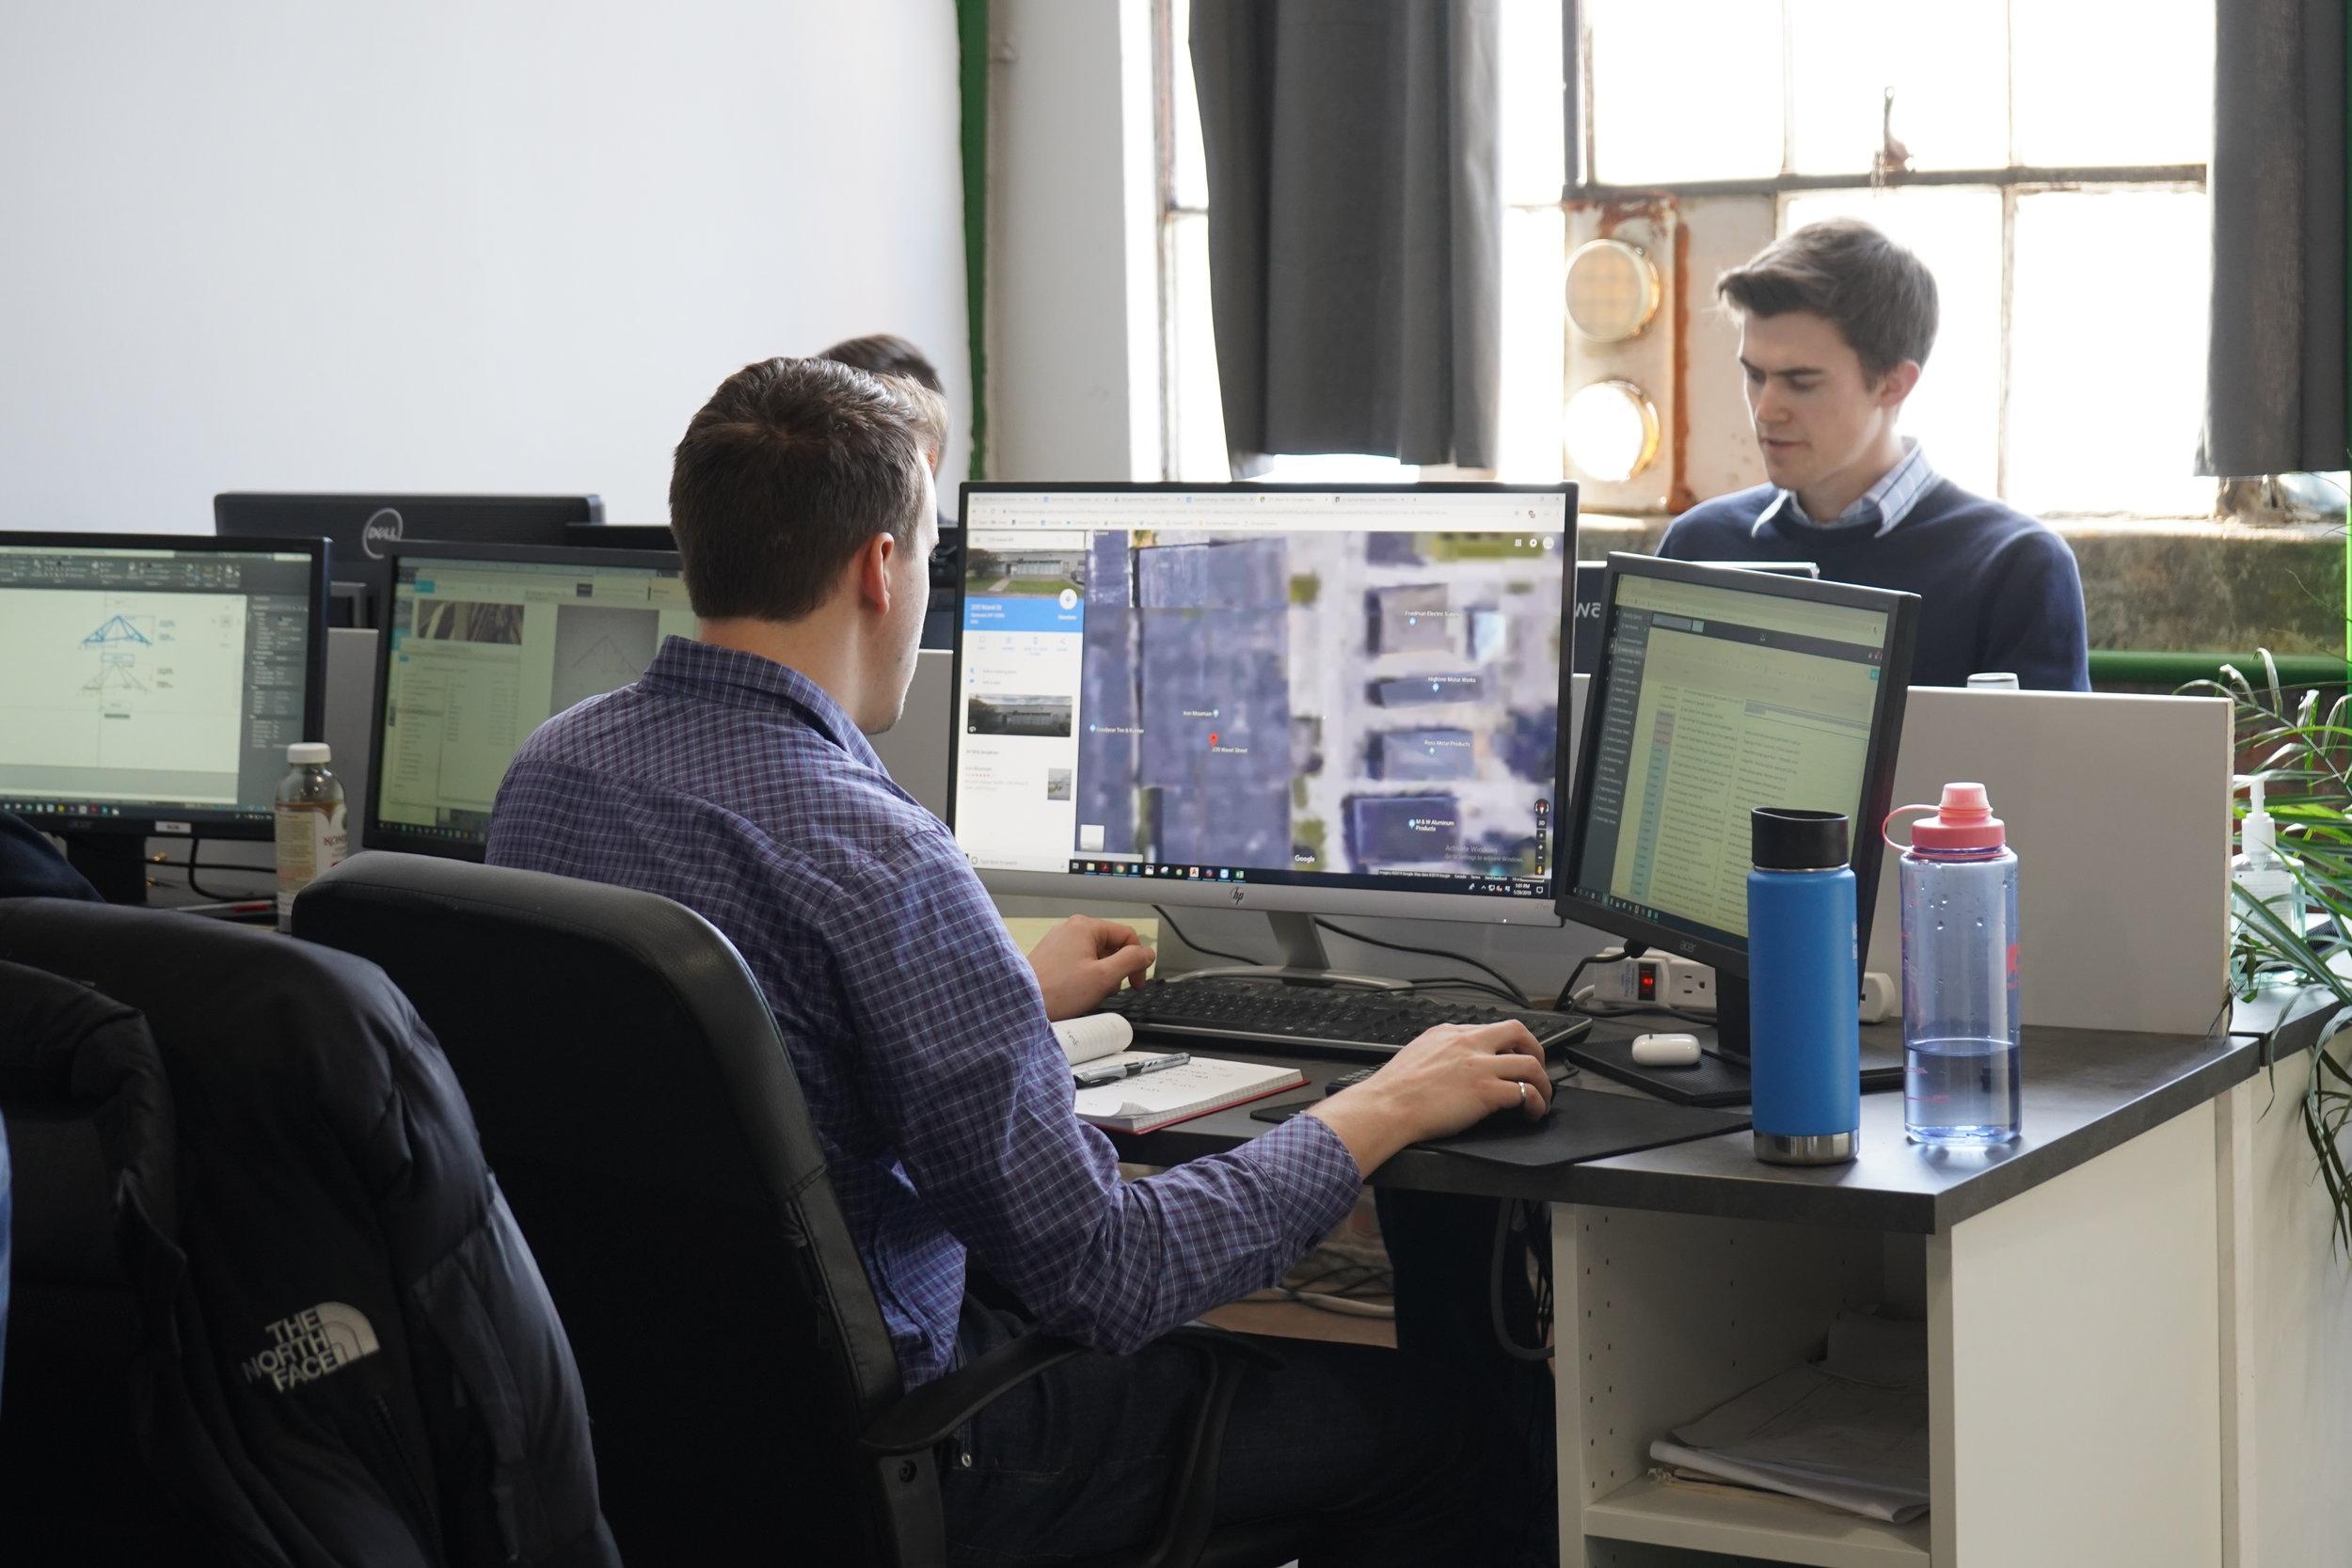 Engineer at Computer